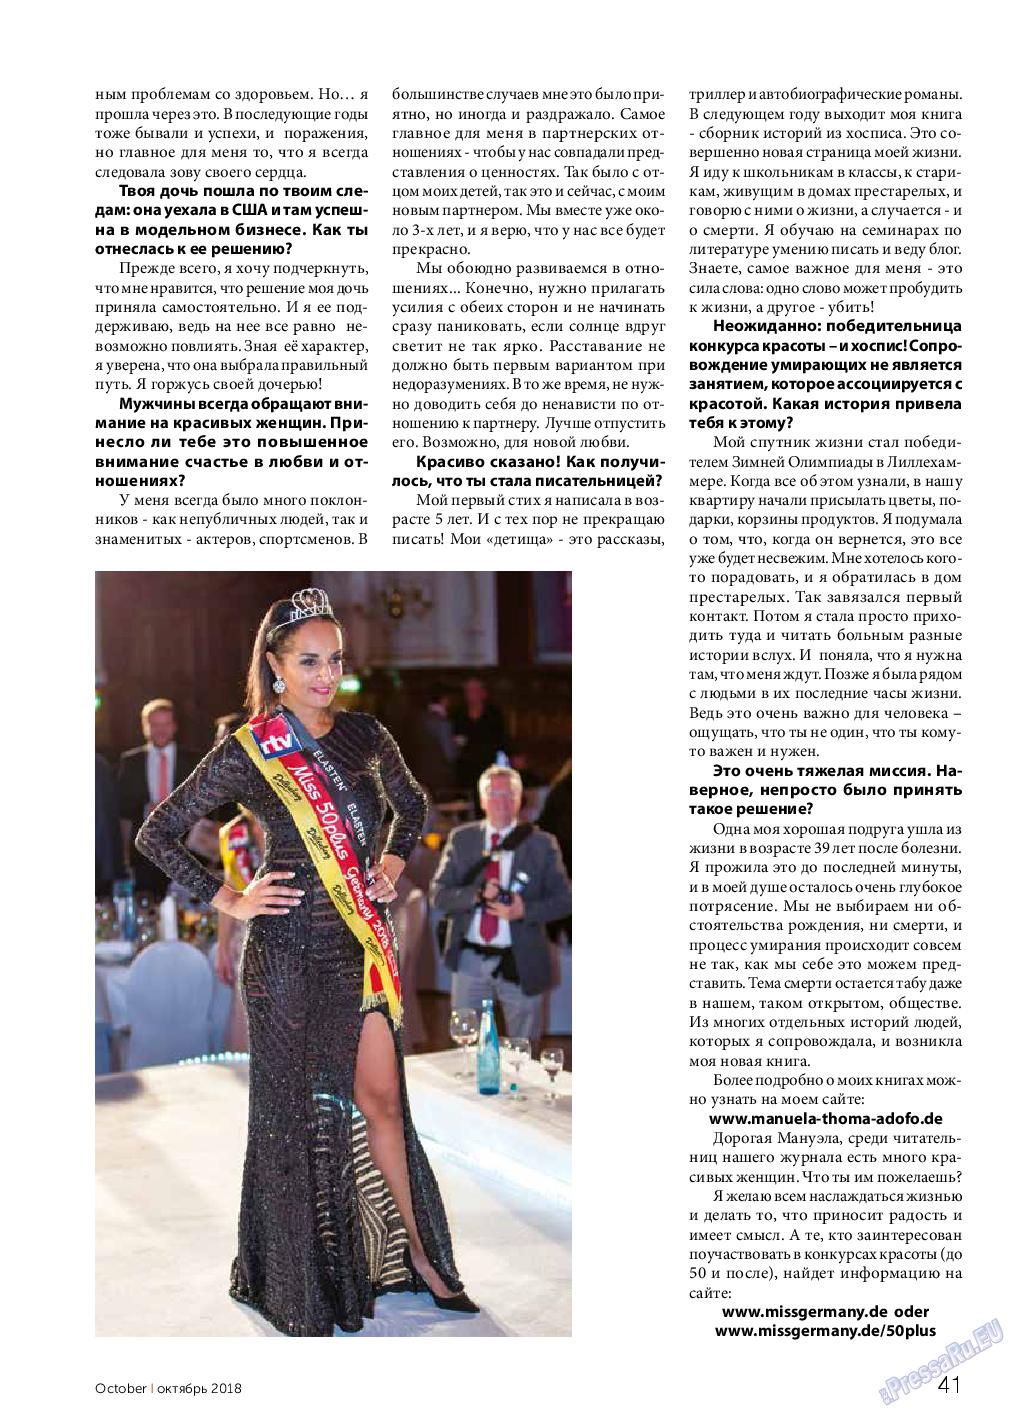 У нас в Баварии (журнал). 2018 год, номер 72, стр. 43